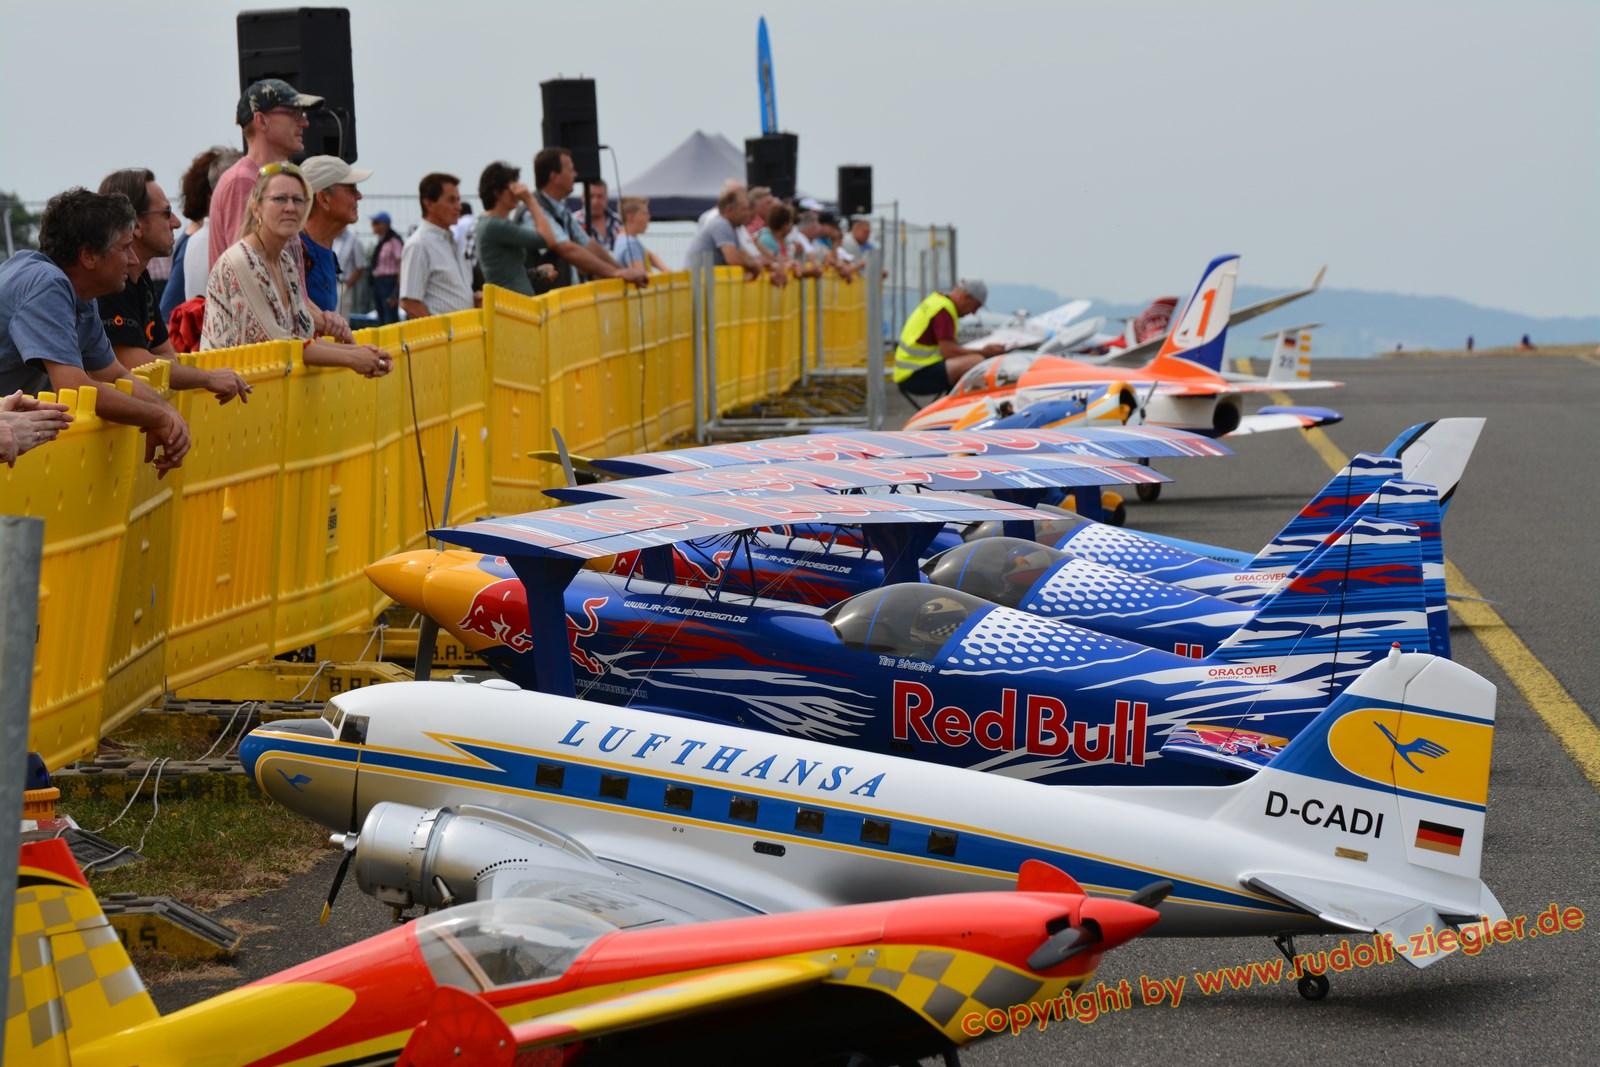 UNITED RC Flights 2016 am Flugplatz Bayreuth 060 (1600x1200)